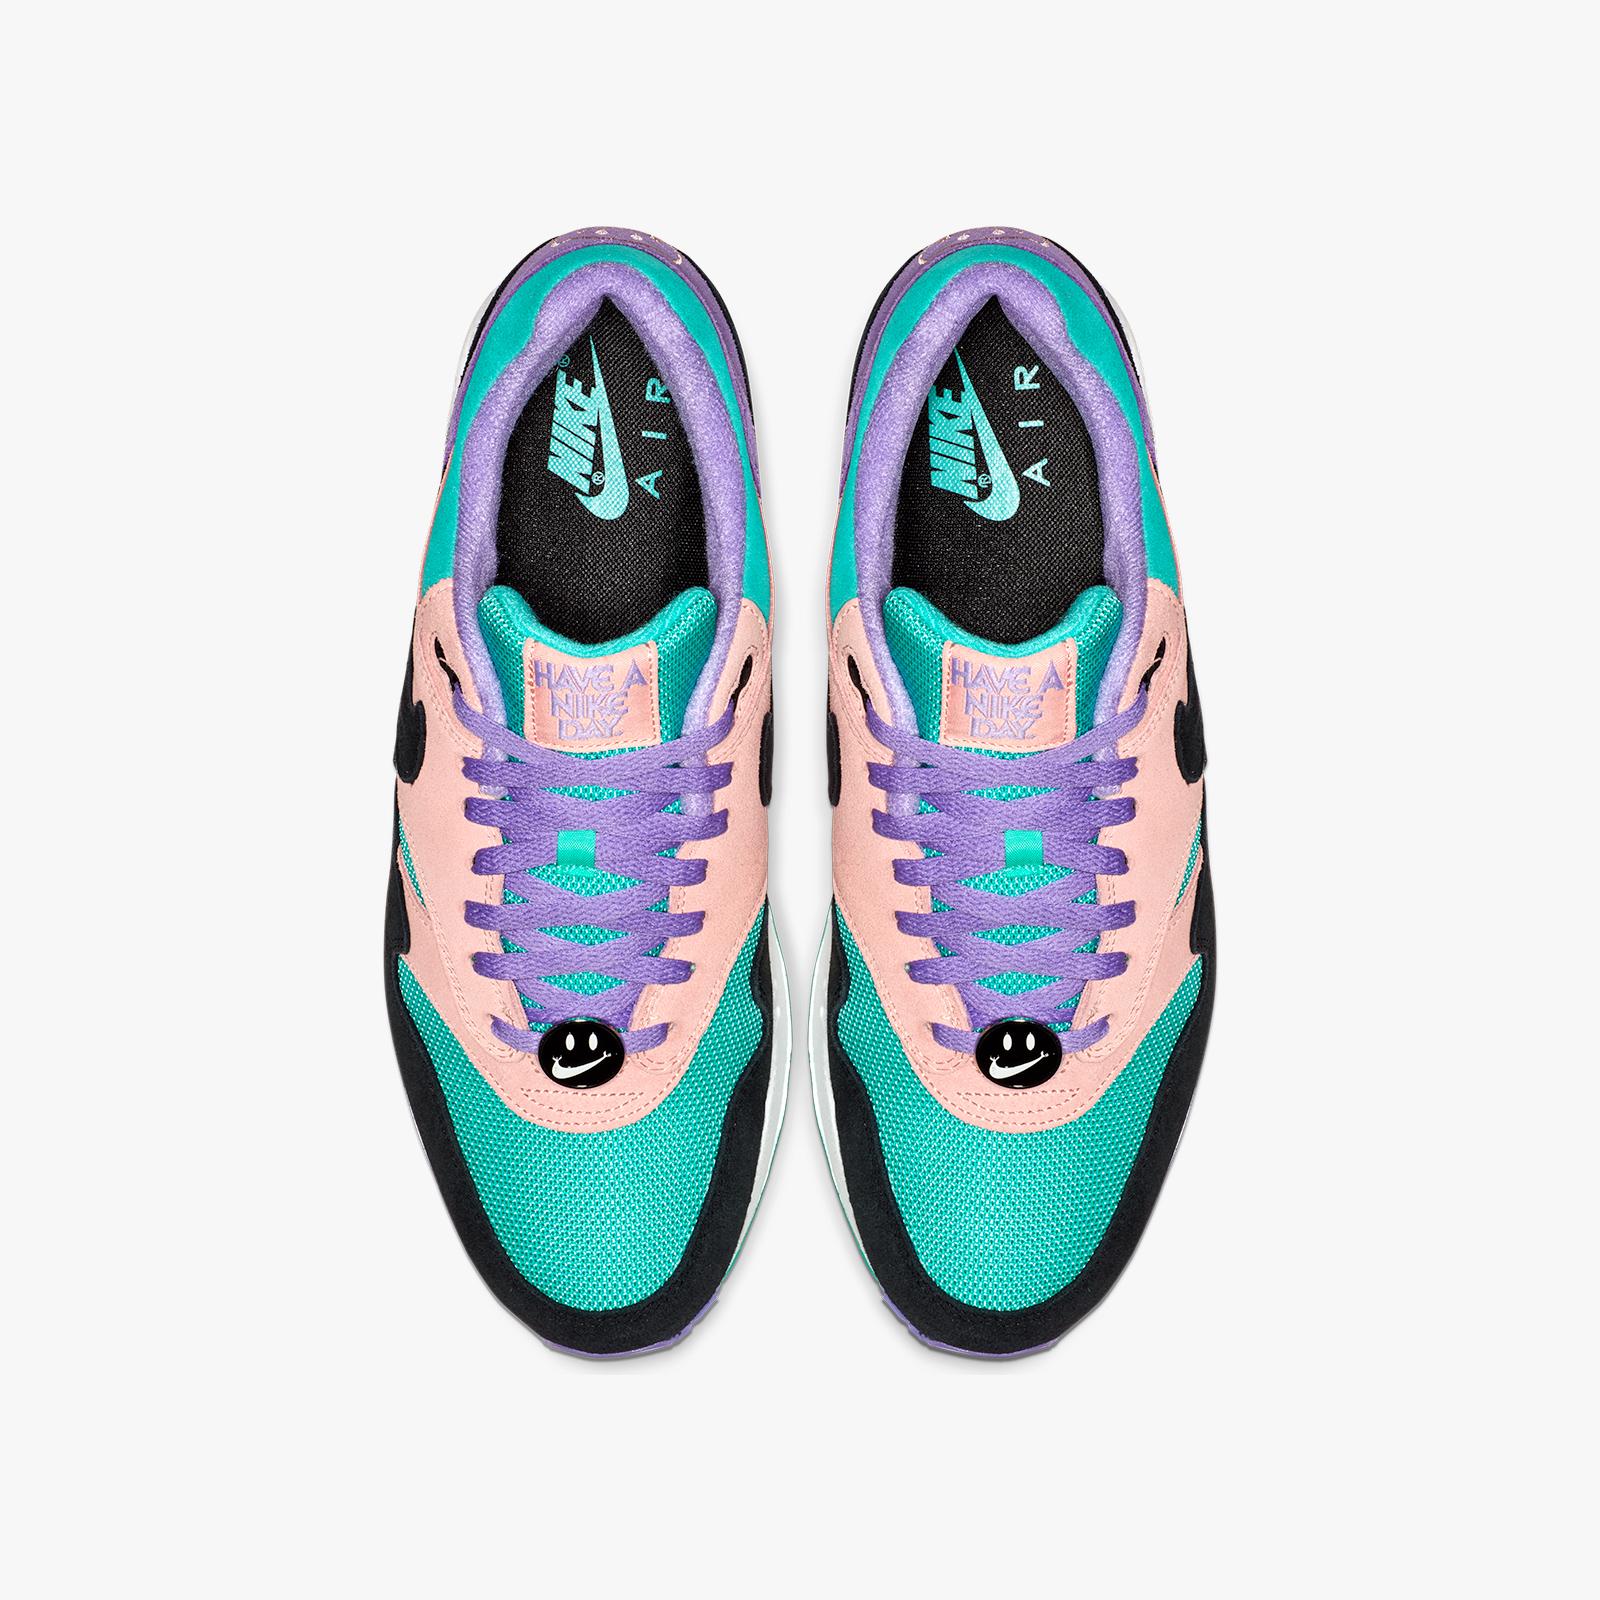 Nike Air Max 1 ND - Bq8929-500